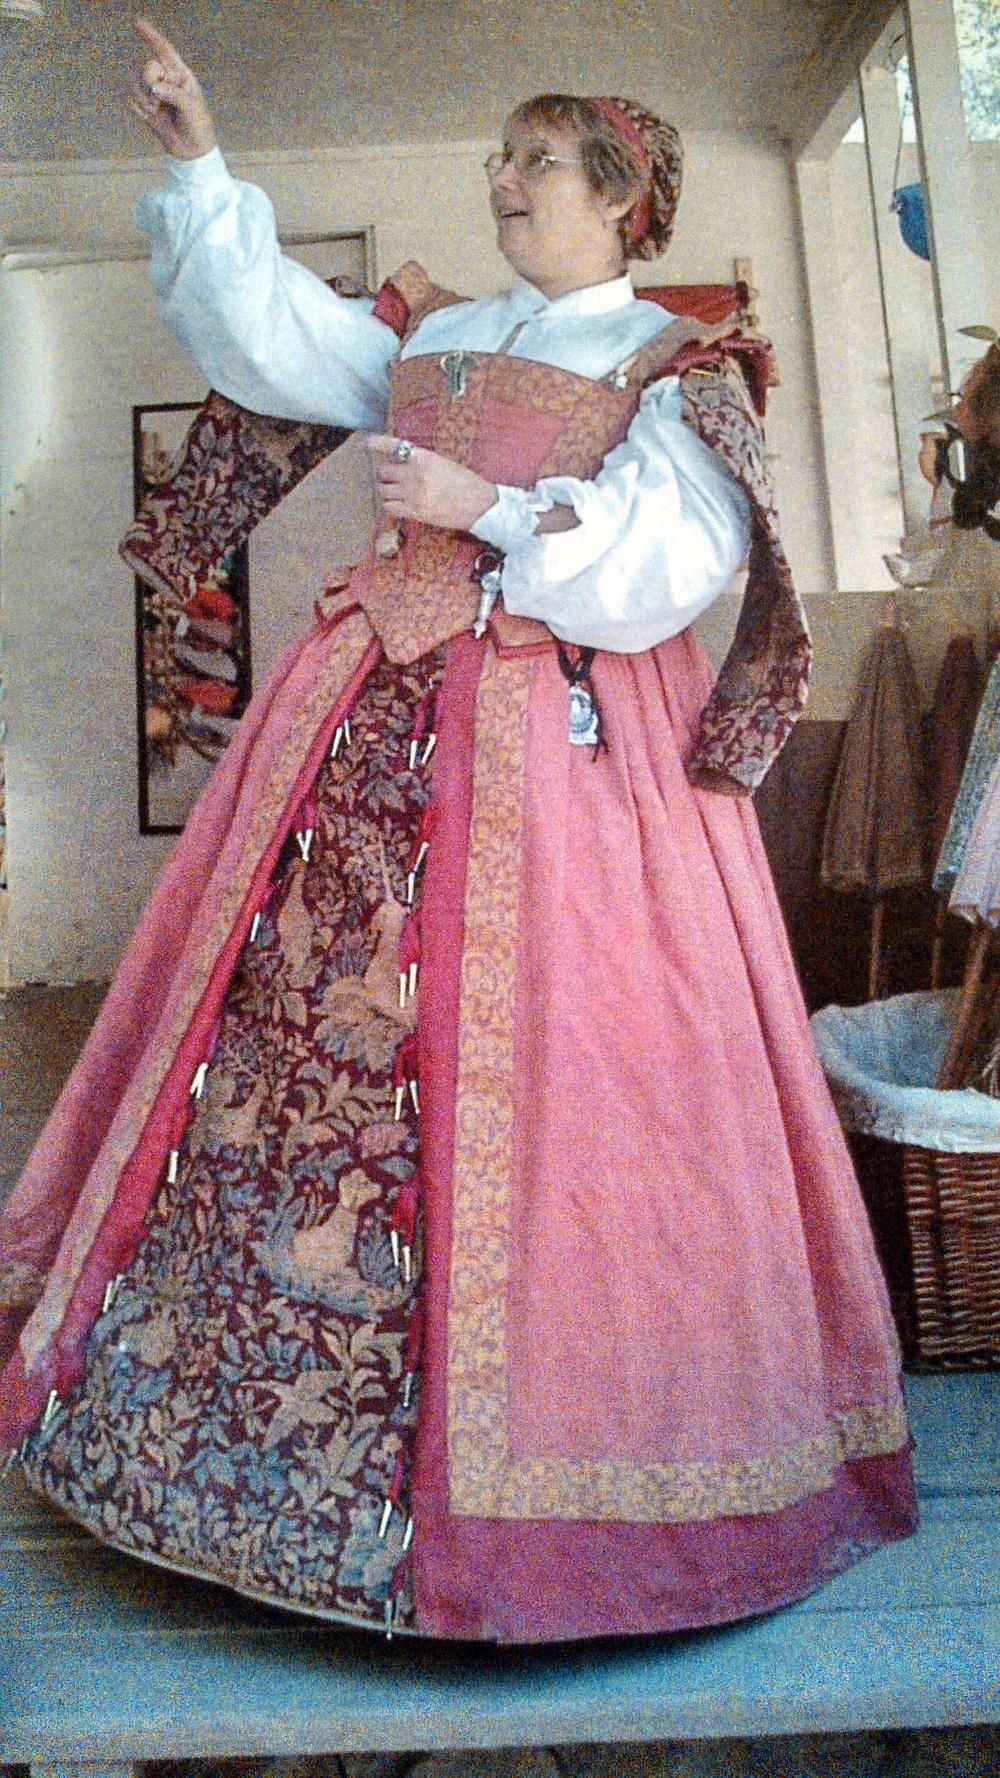 Renaissance/Elizabethan middle class outfit.